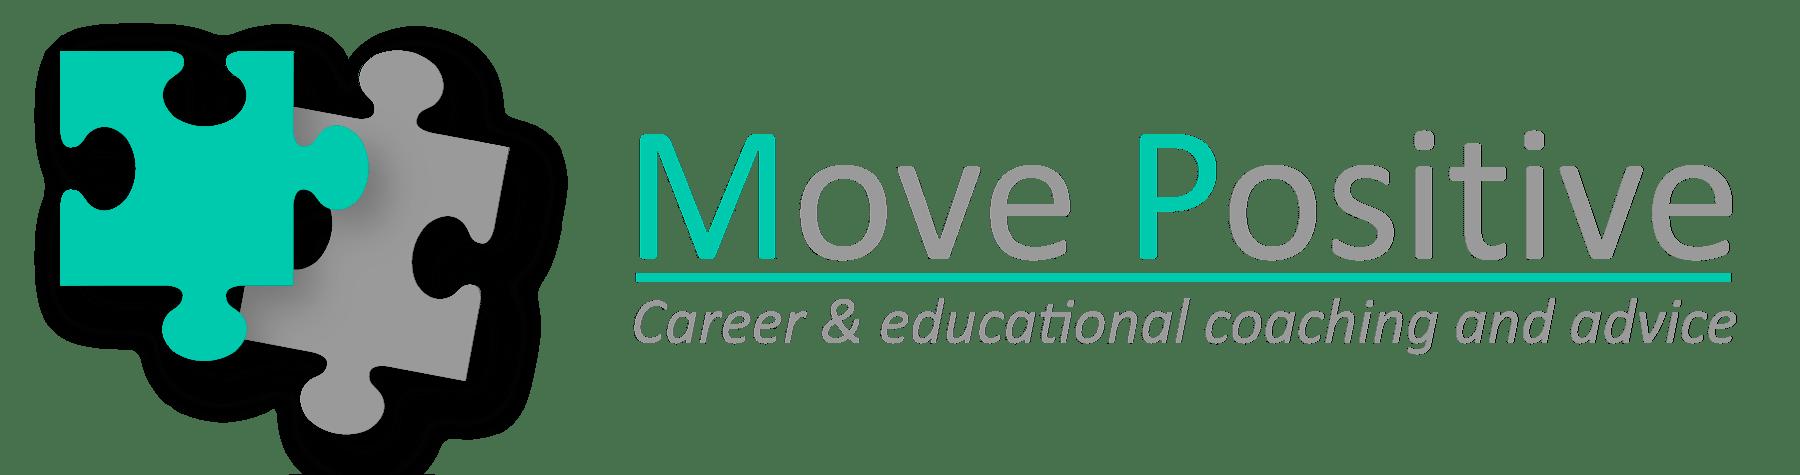 Move Positive